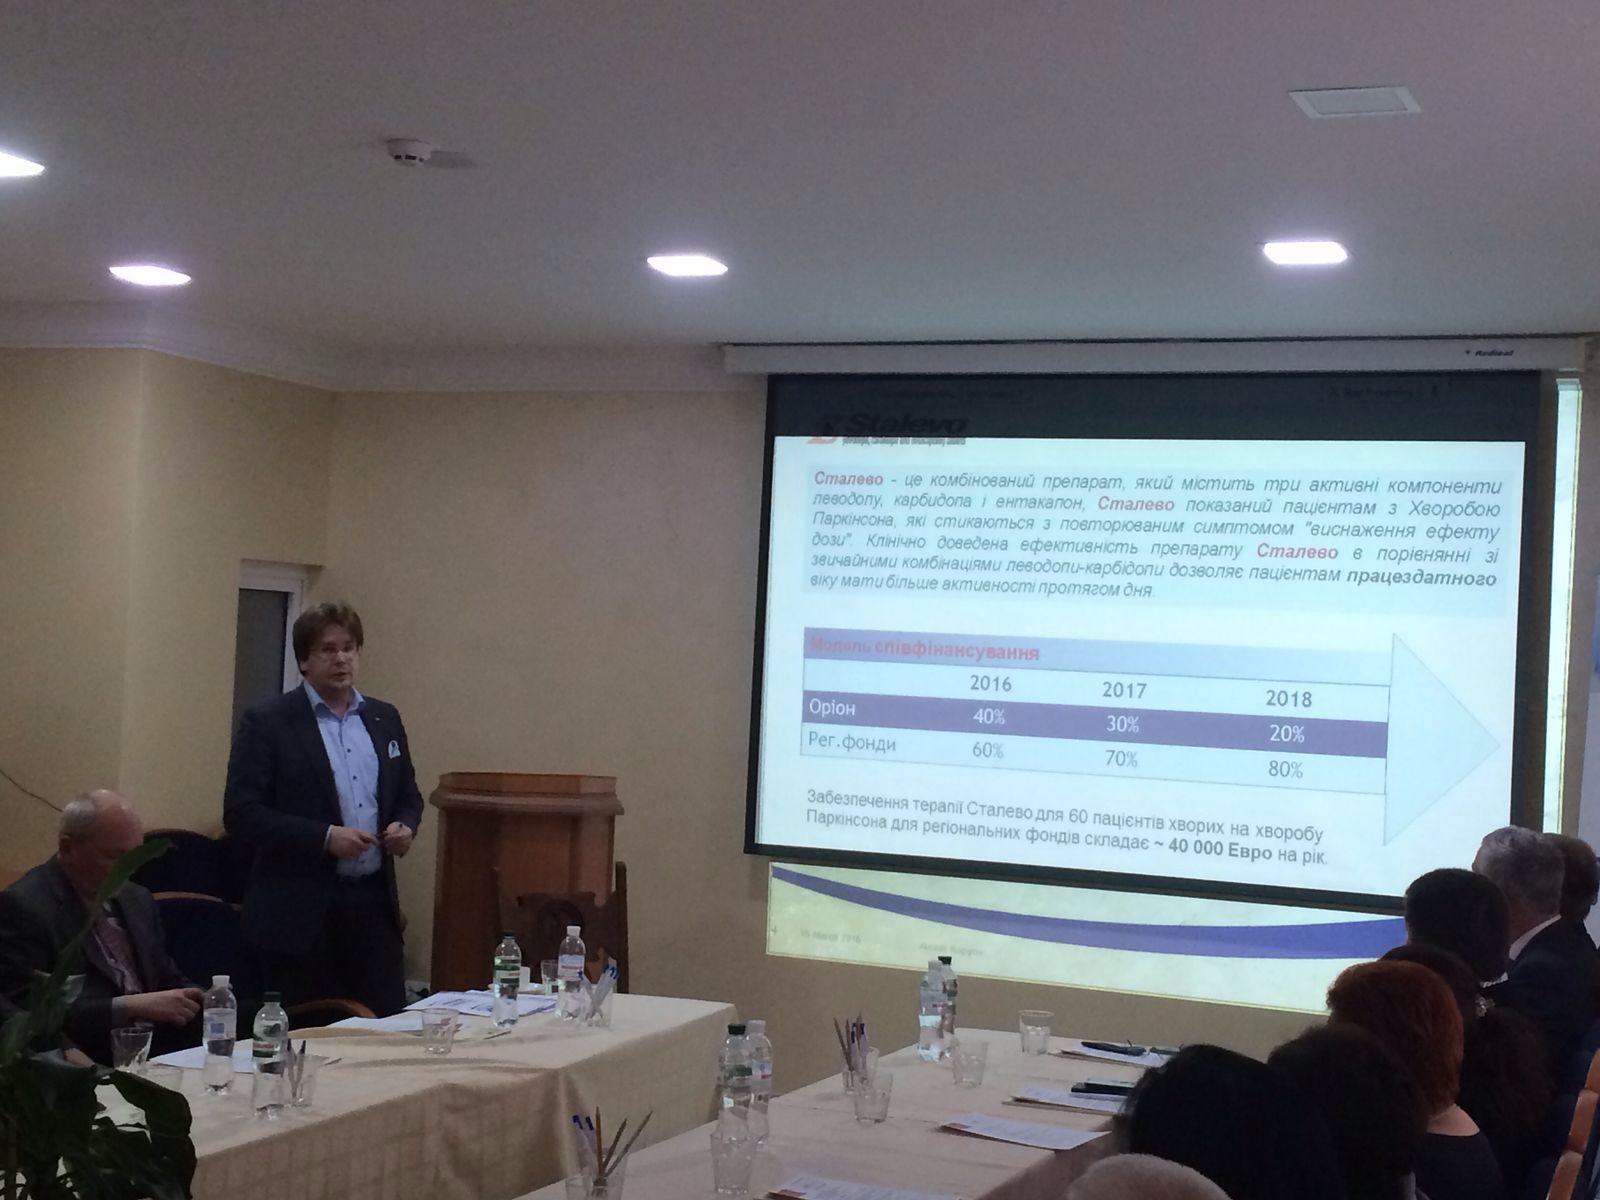 Семінар-нарада з питань взаємодії між регіональними органами влади та виробниками лікарських засобів, Вінниця, 15 березня 2016 р.